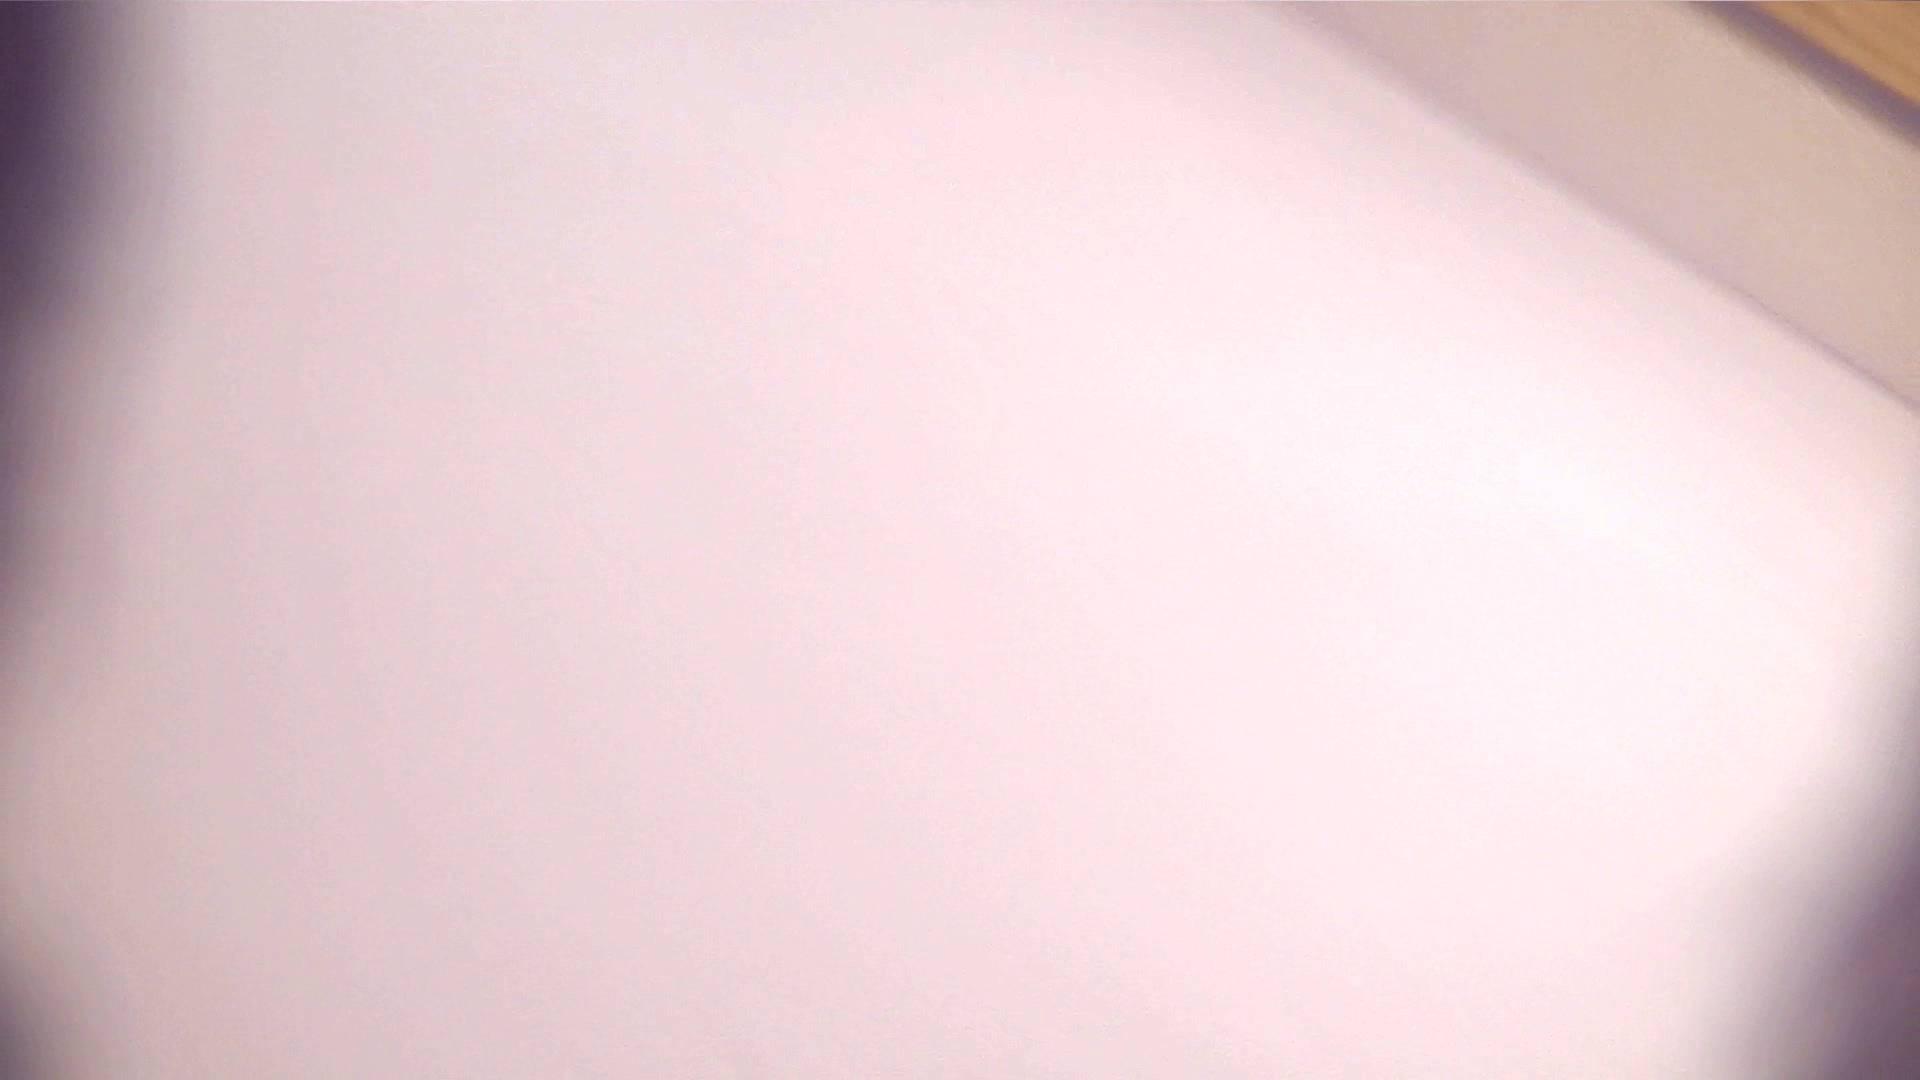 阿国ちゃんの「和式洋式七変化」No.9 和式 | 洗面所  96枚 23